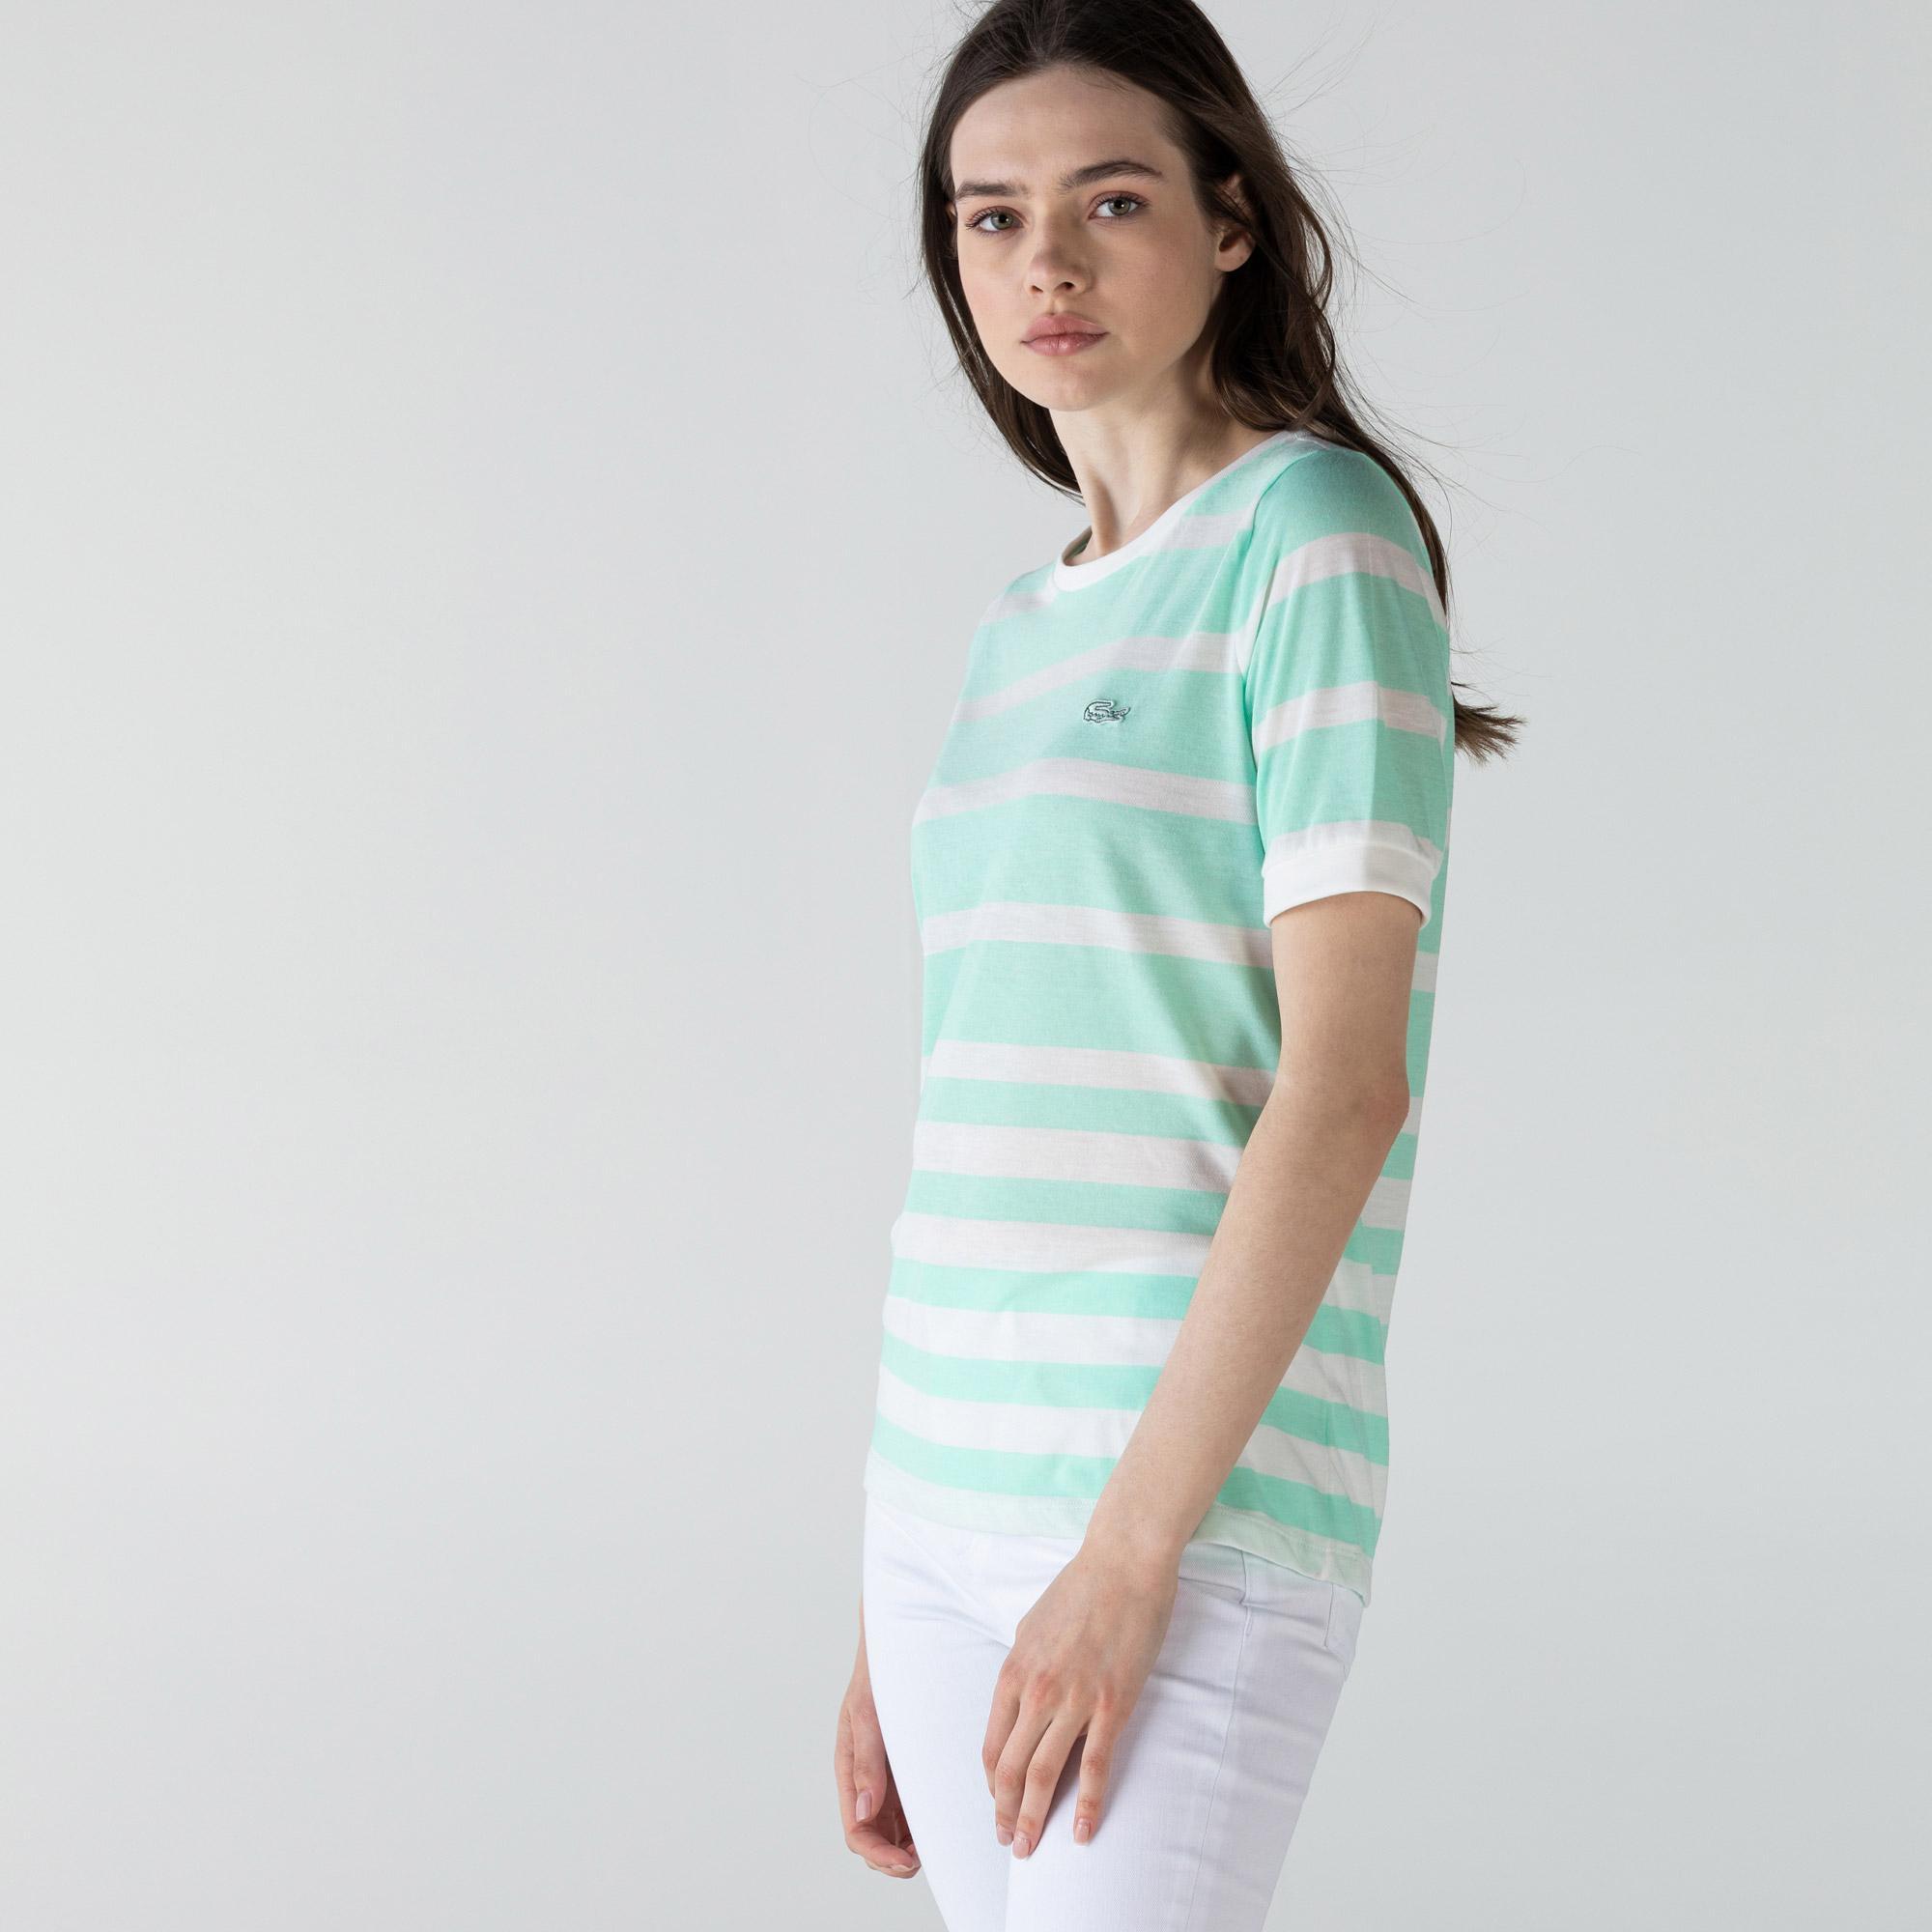 Lacoste Kadın Bisiklet Yaka Çizgili Yeşil - Beyaz T-Shirt